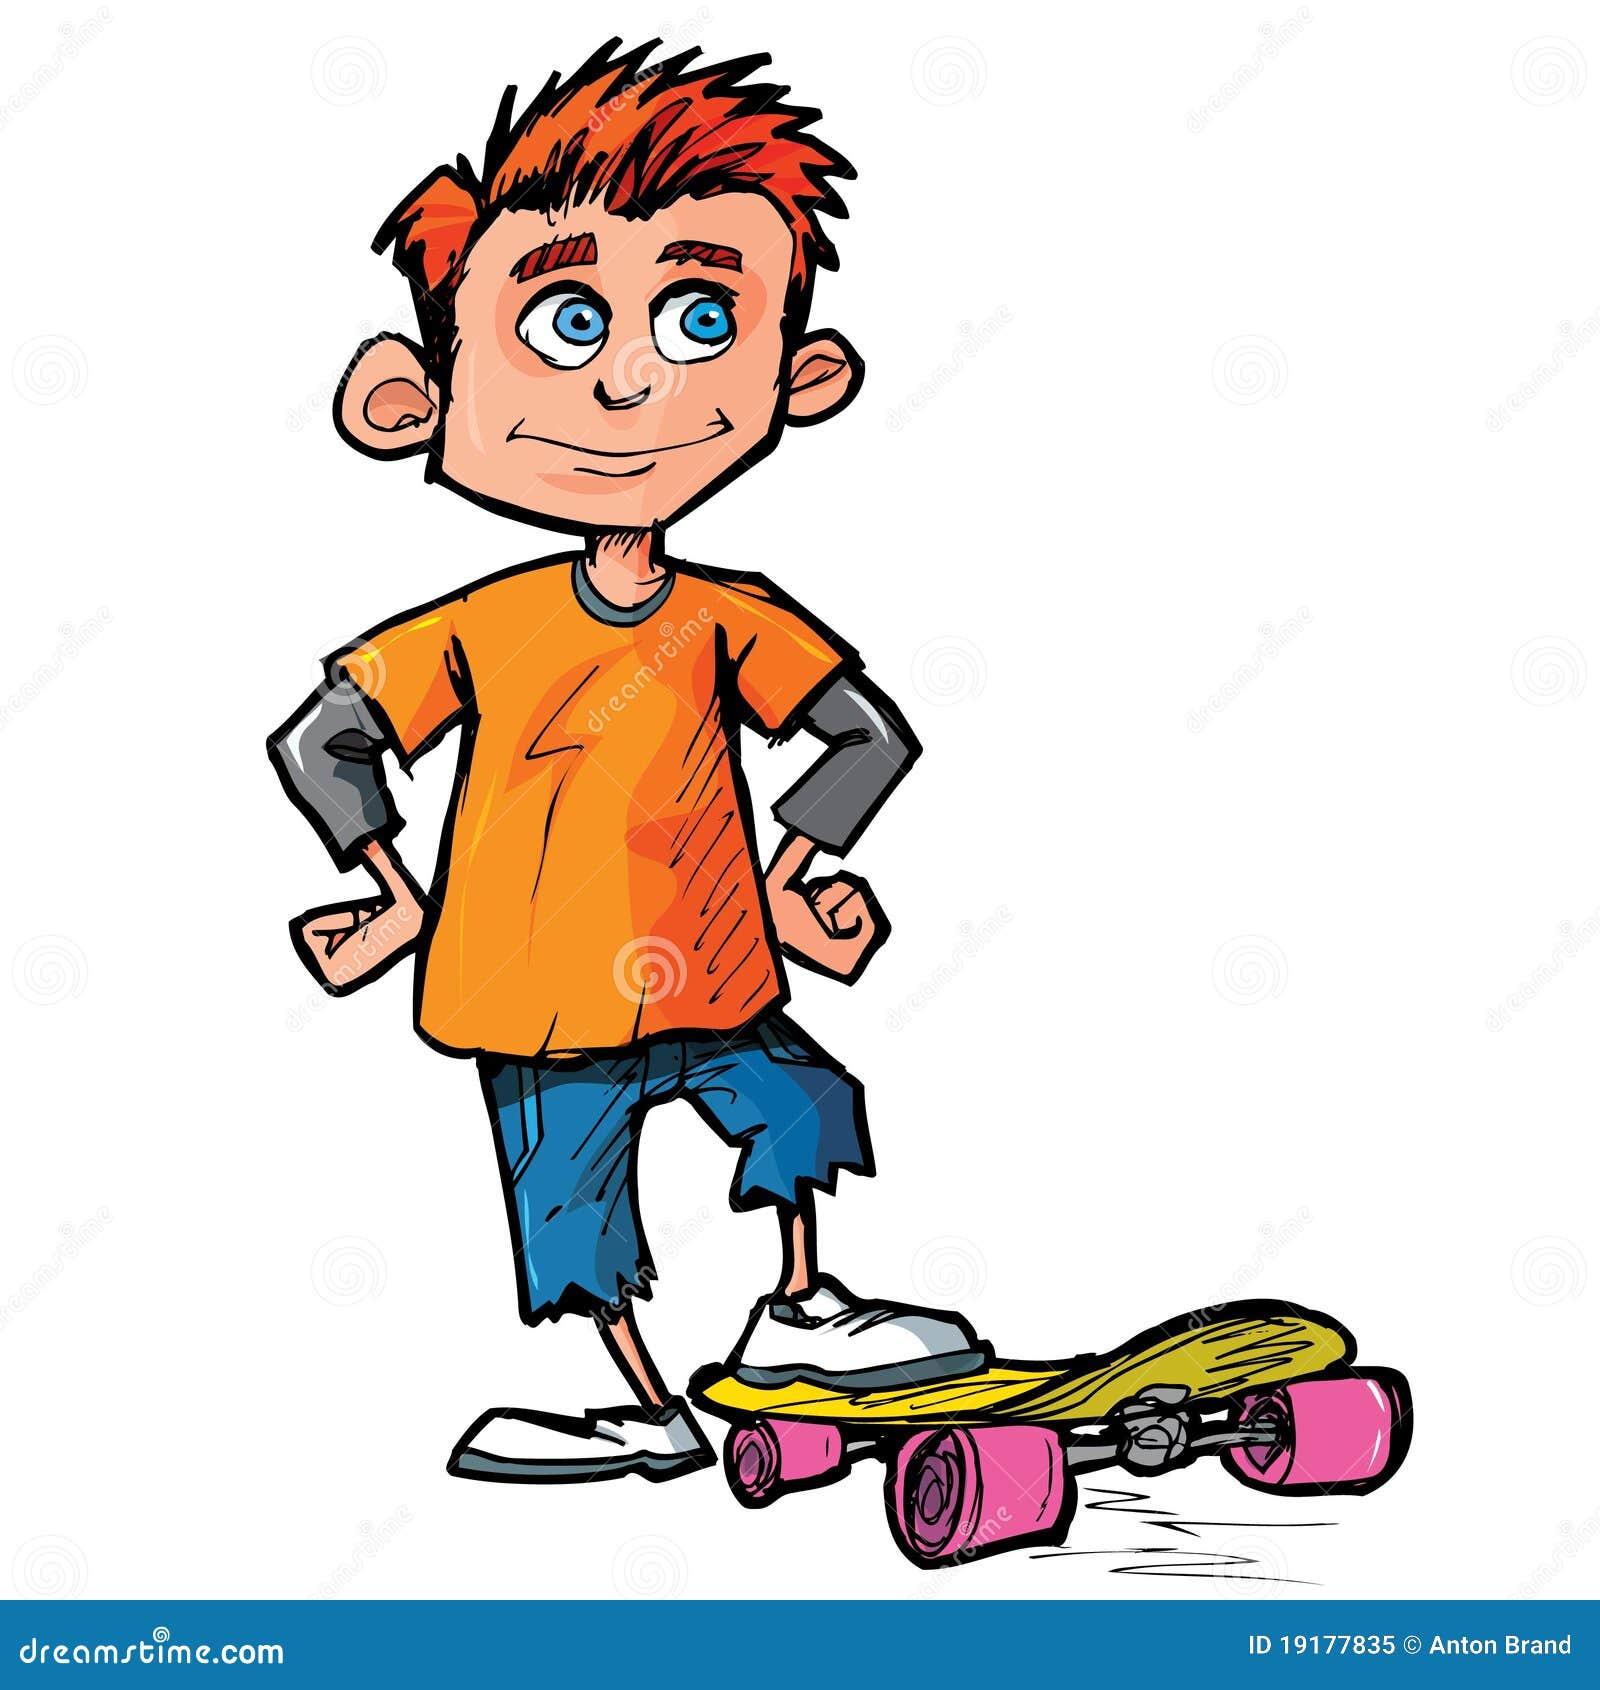 dessin anim de gar on de patineur illustration de vecteur illustration du gar on patineur. Black Bedroom Furniture Sets. Home Design Ideas